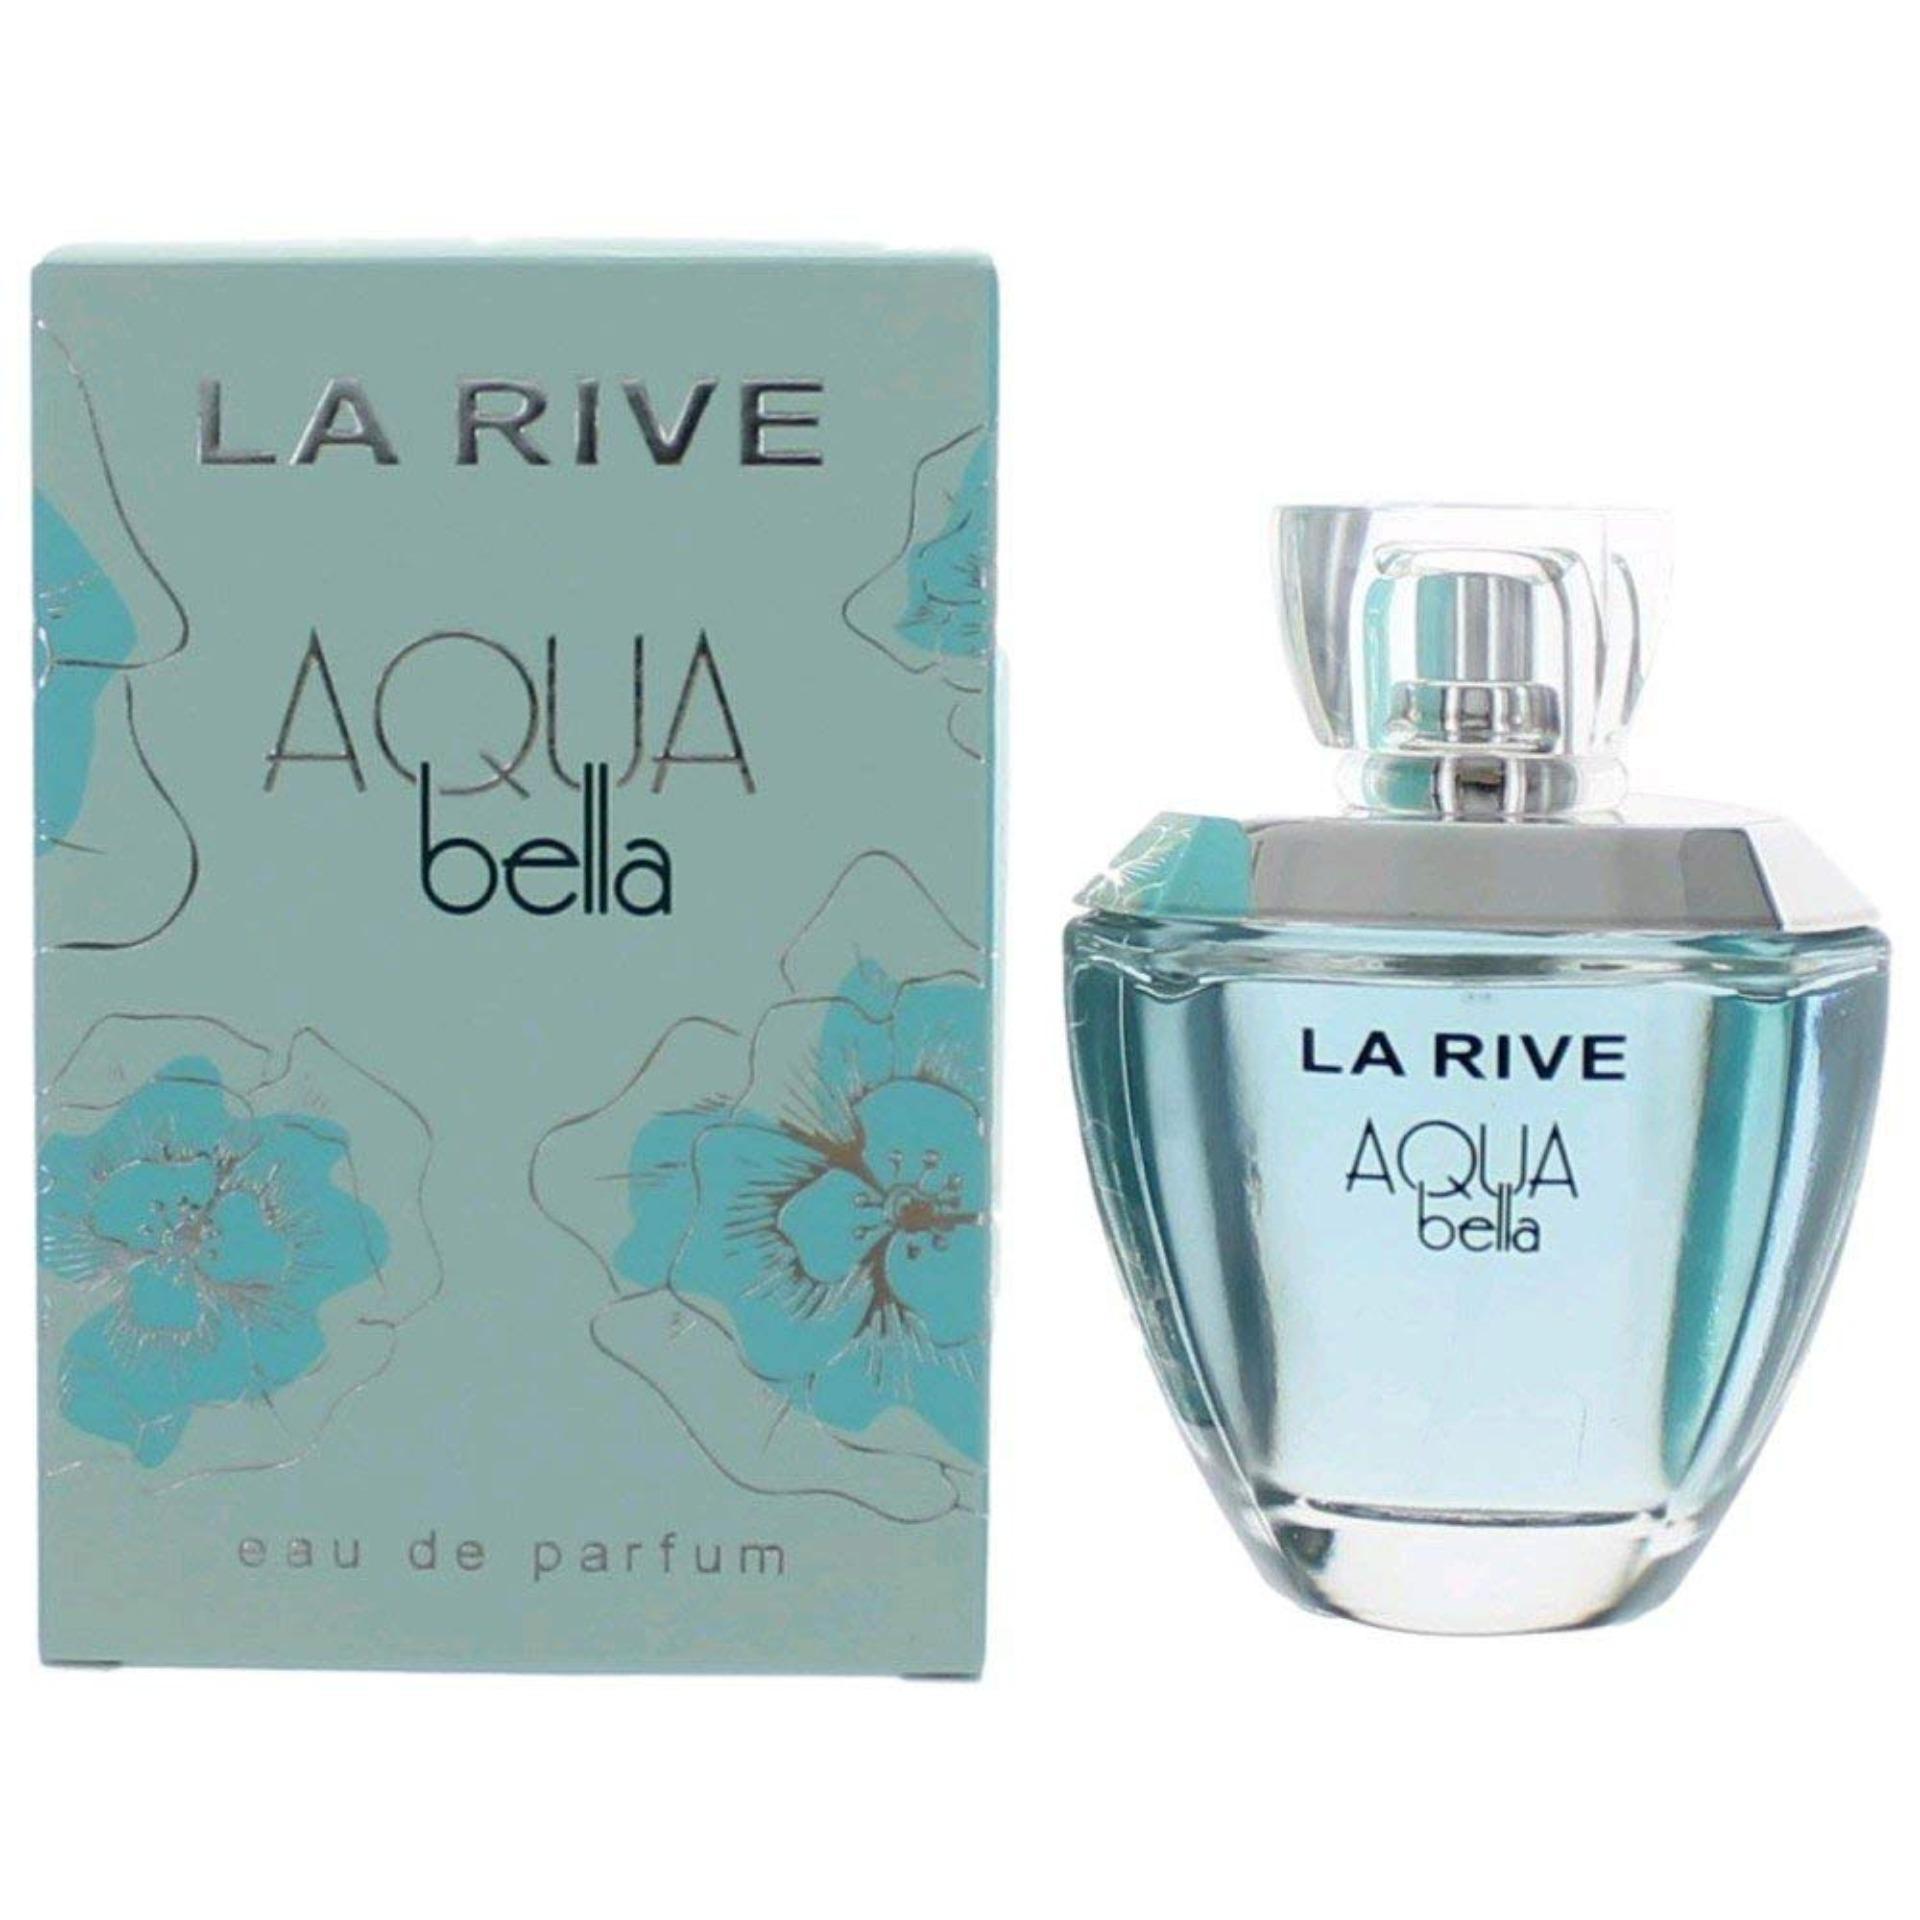 Jual Parfum La Rive Original Terbaru Extreme Story For Men Edt 75ml Aqua Bella Women Edp 100ml